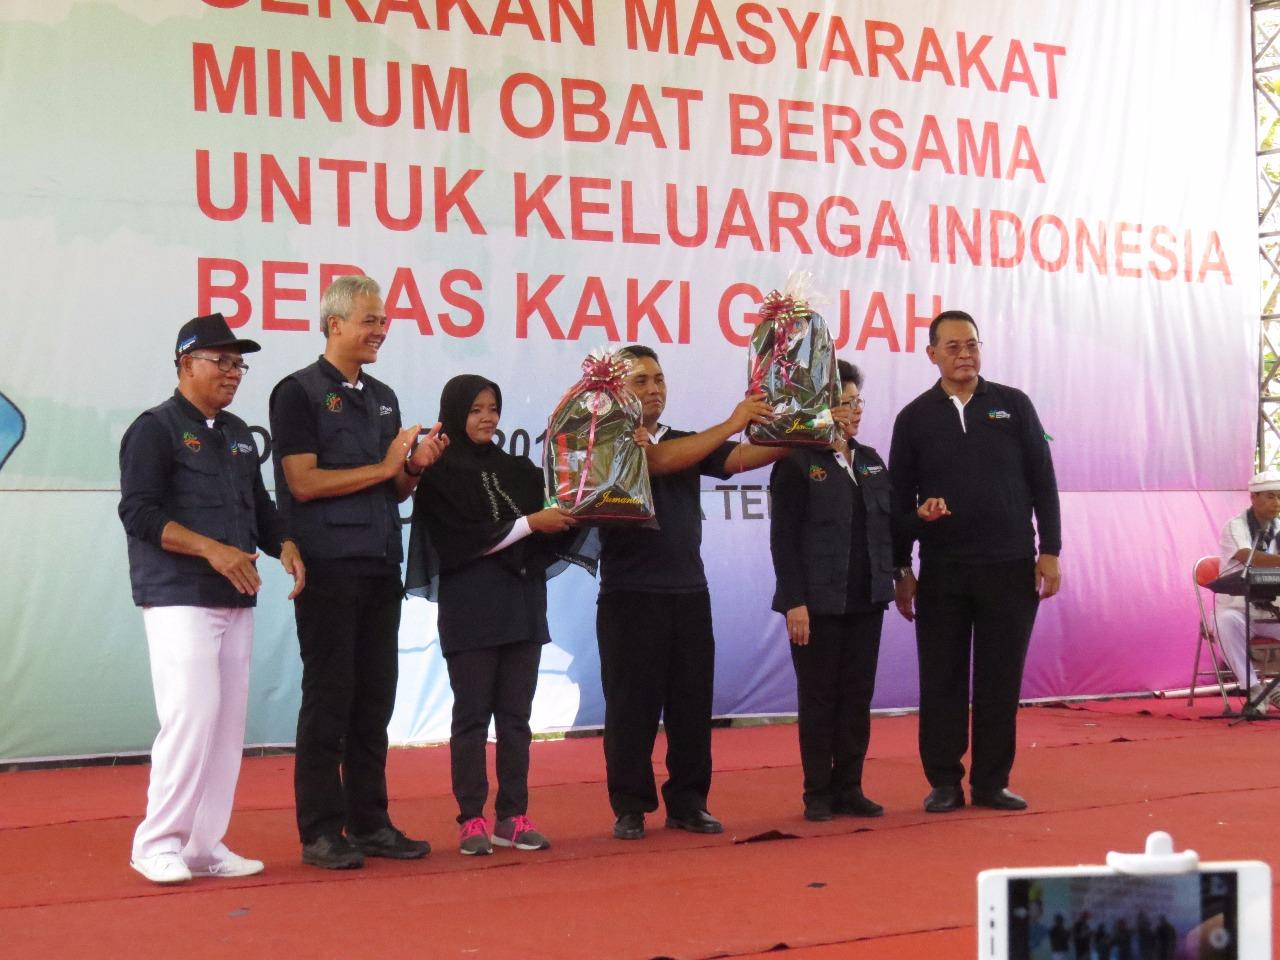 Menteri Kesehatan RI Nila Farid Moeloek, Canangkan BELKAGA tahun 2017  di Jatisono Gajah